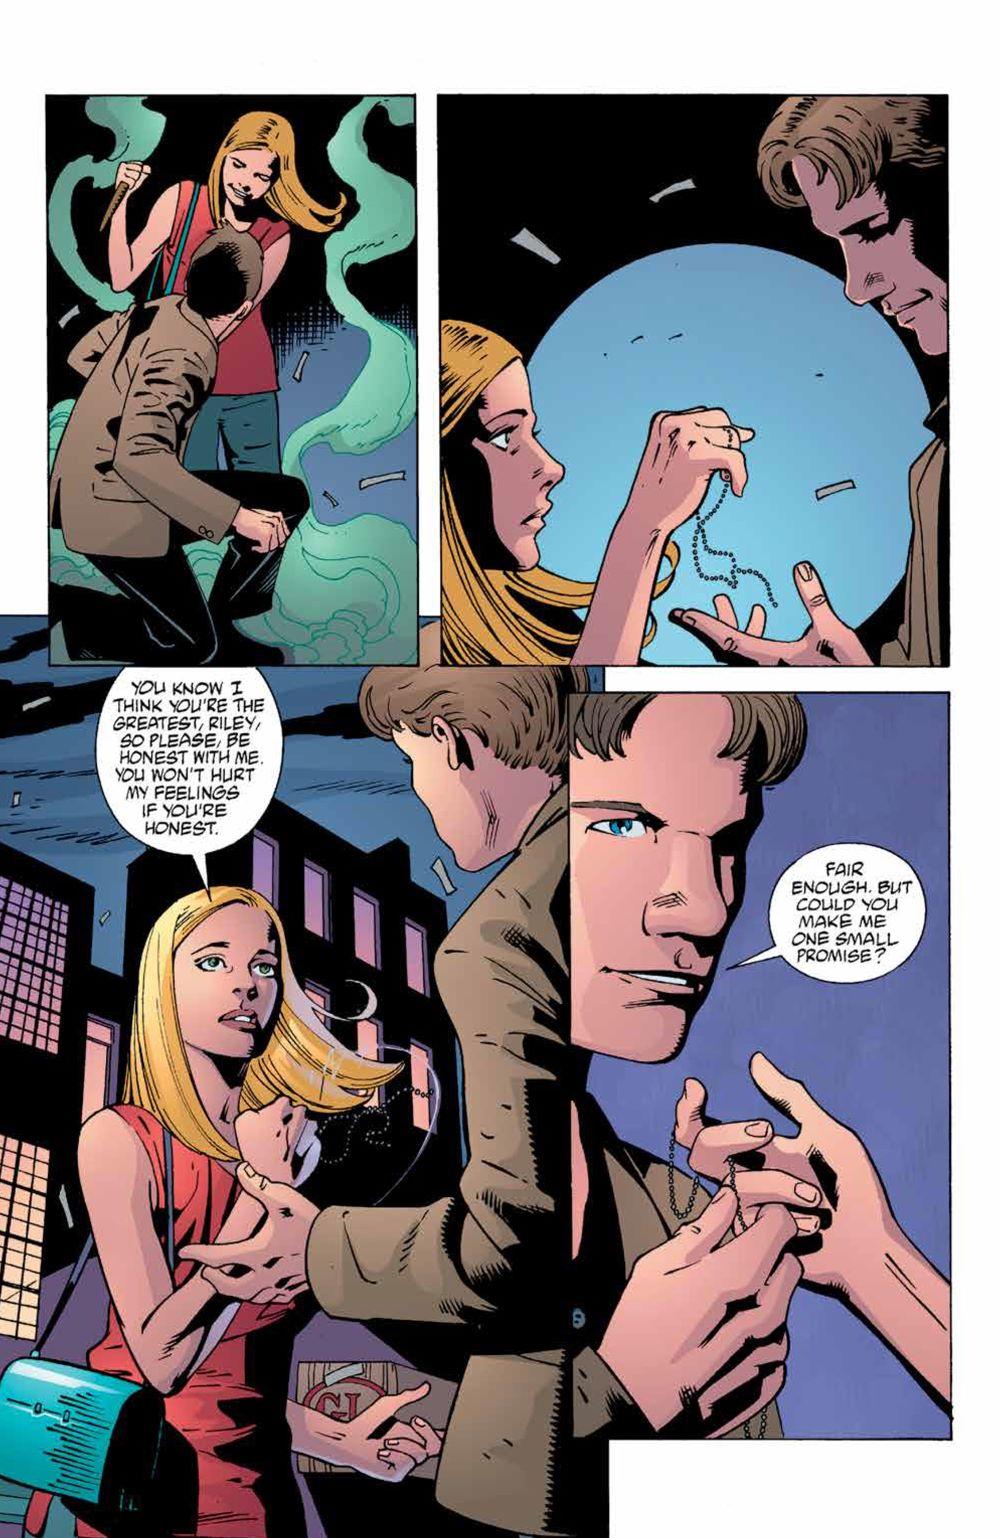 Buffy_Legacy_v4_SC_PRESS_15 ComicList Previews: BUFFY THE VAMPIRE SLAYER LEGACY EDITION VOLUME 4 SC